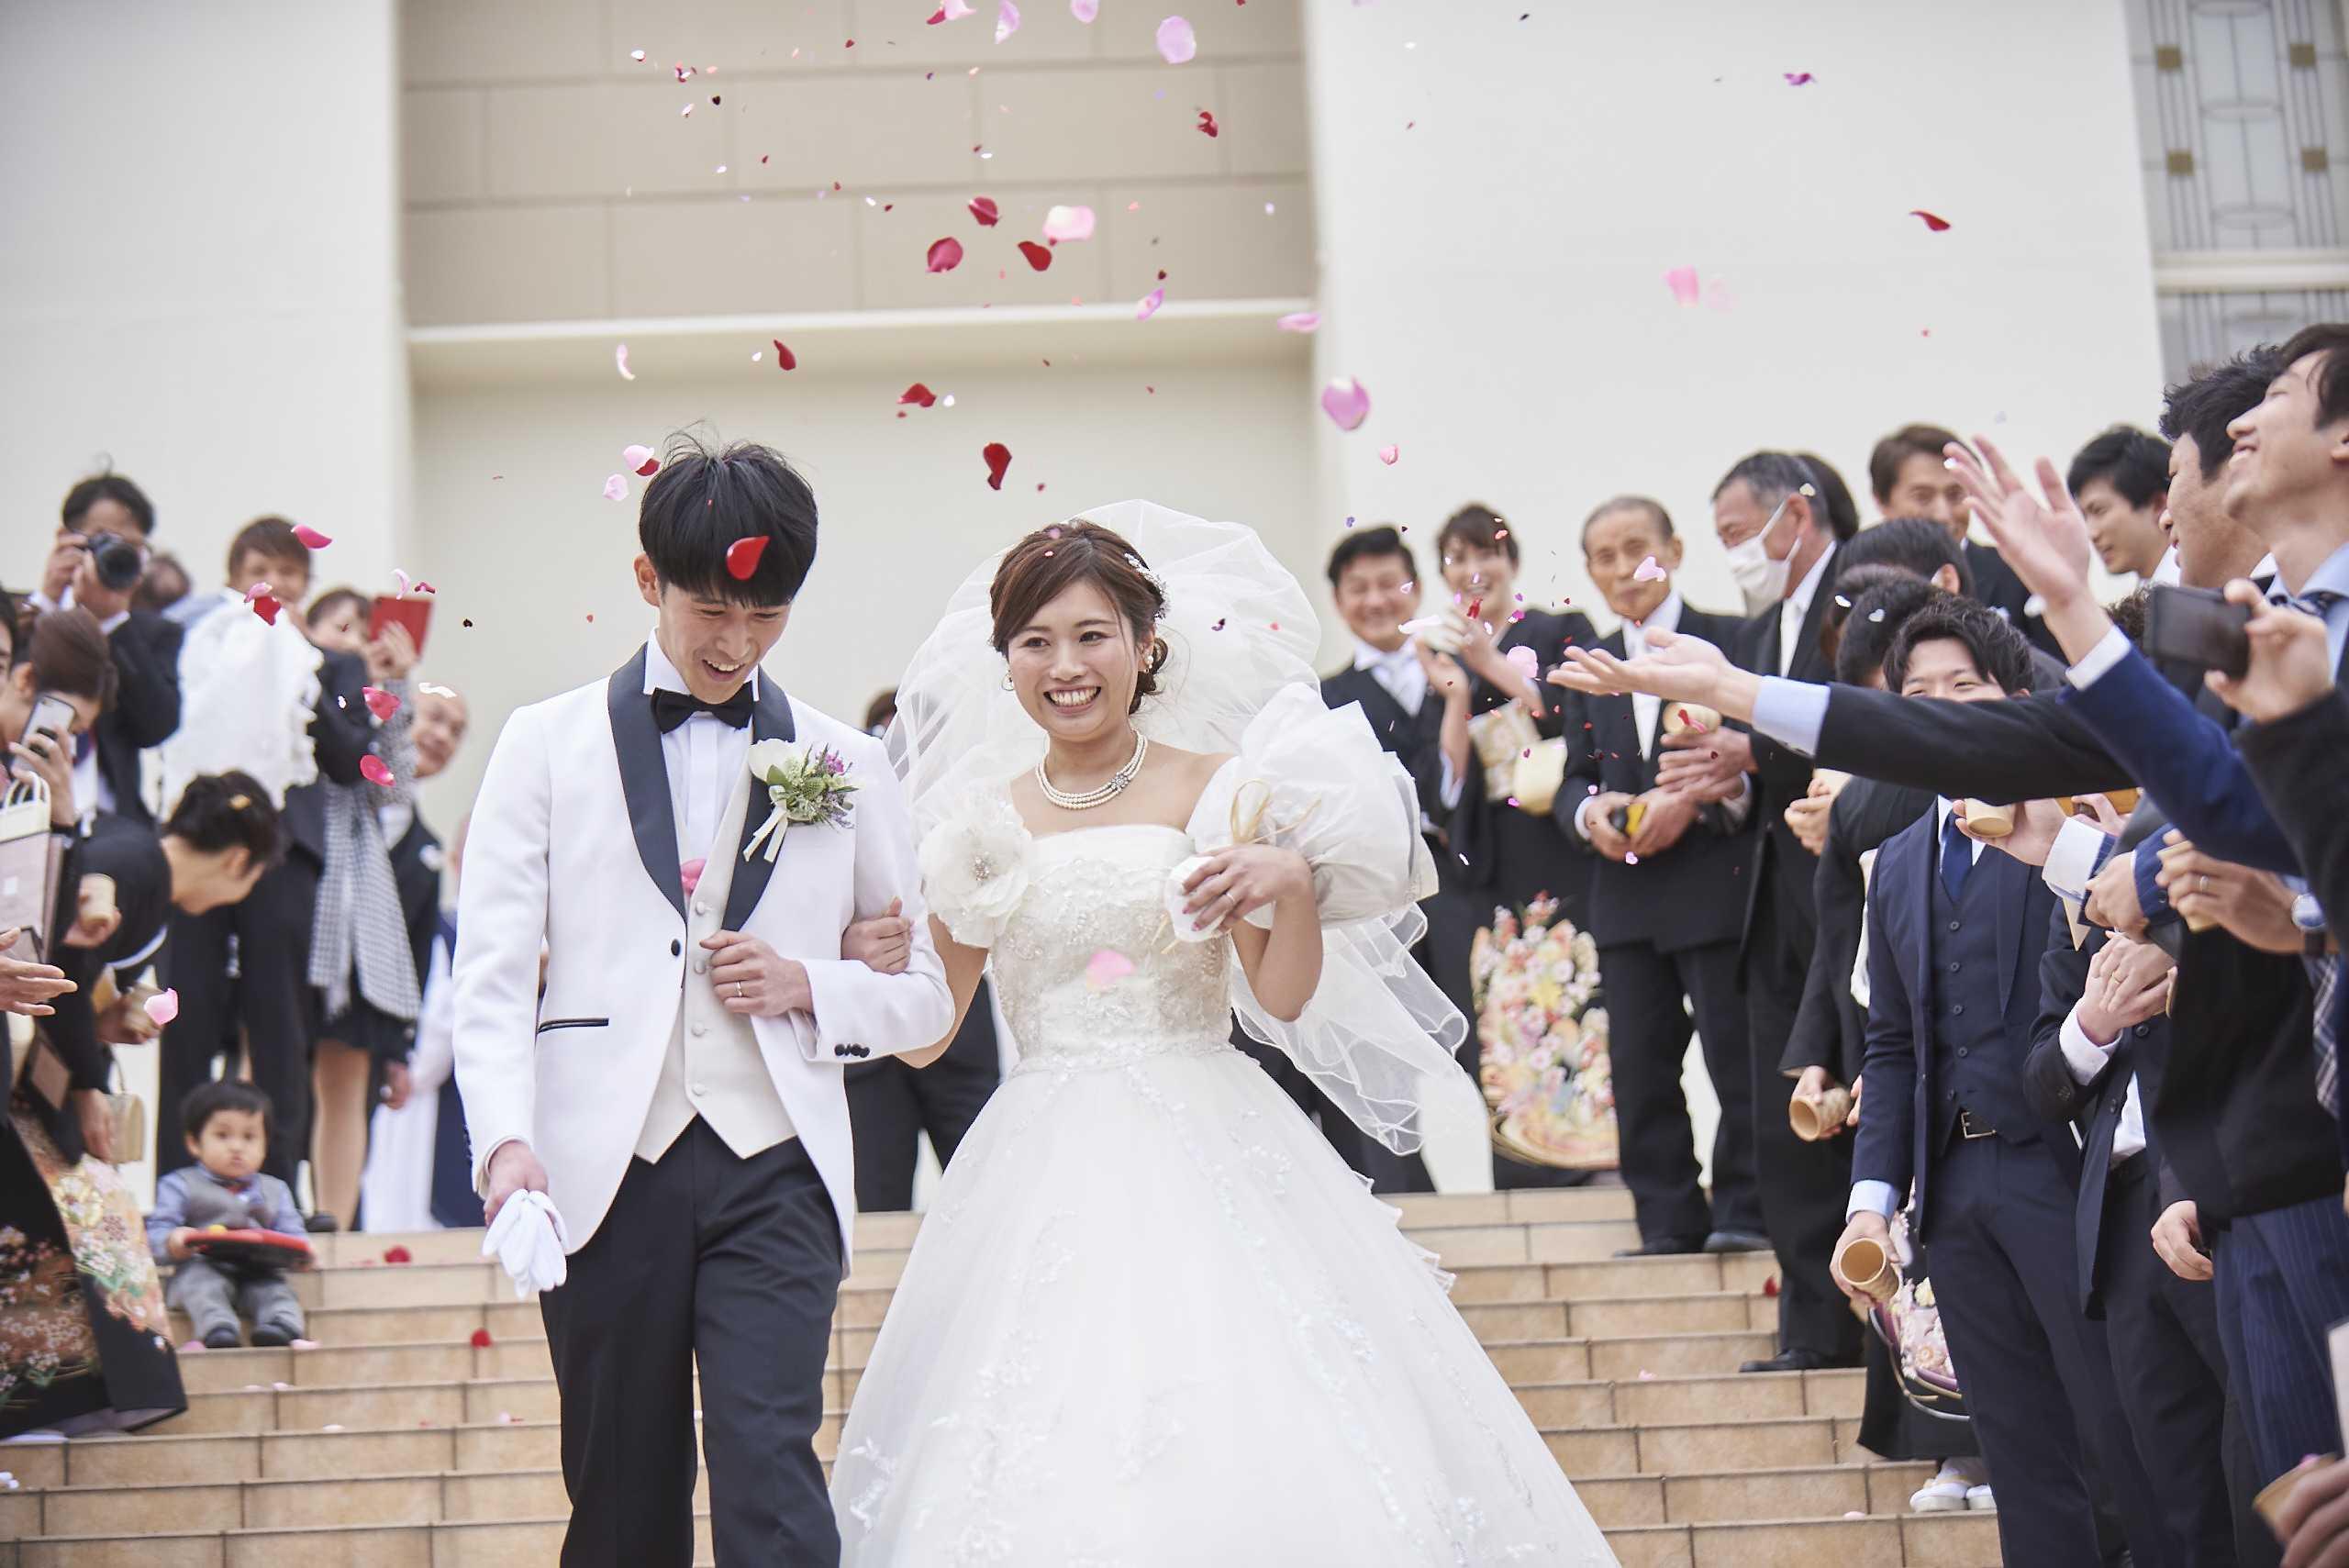 徳島市の結婚式場ブランアンジュの大階段でゲストからフラワーシャワーで祝福される新郎新婦様